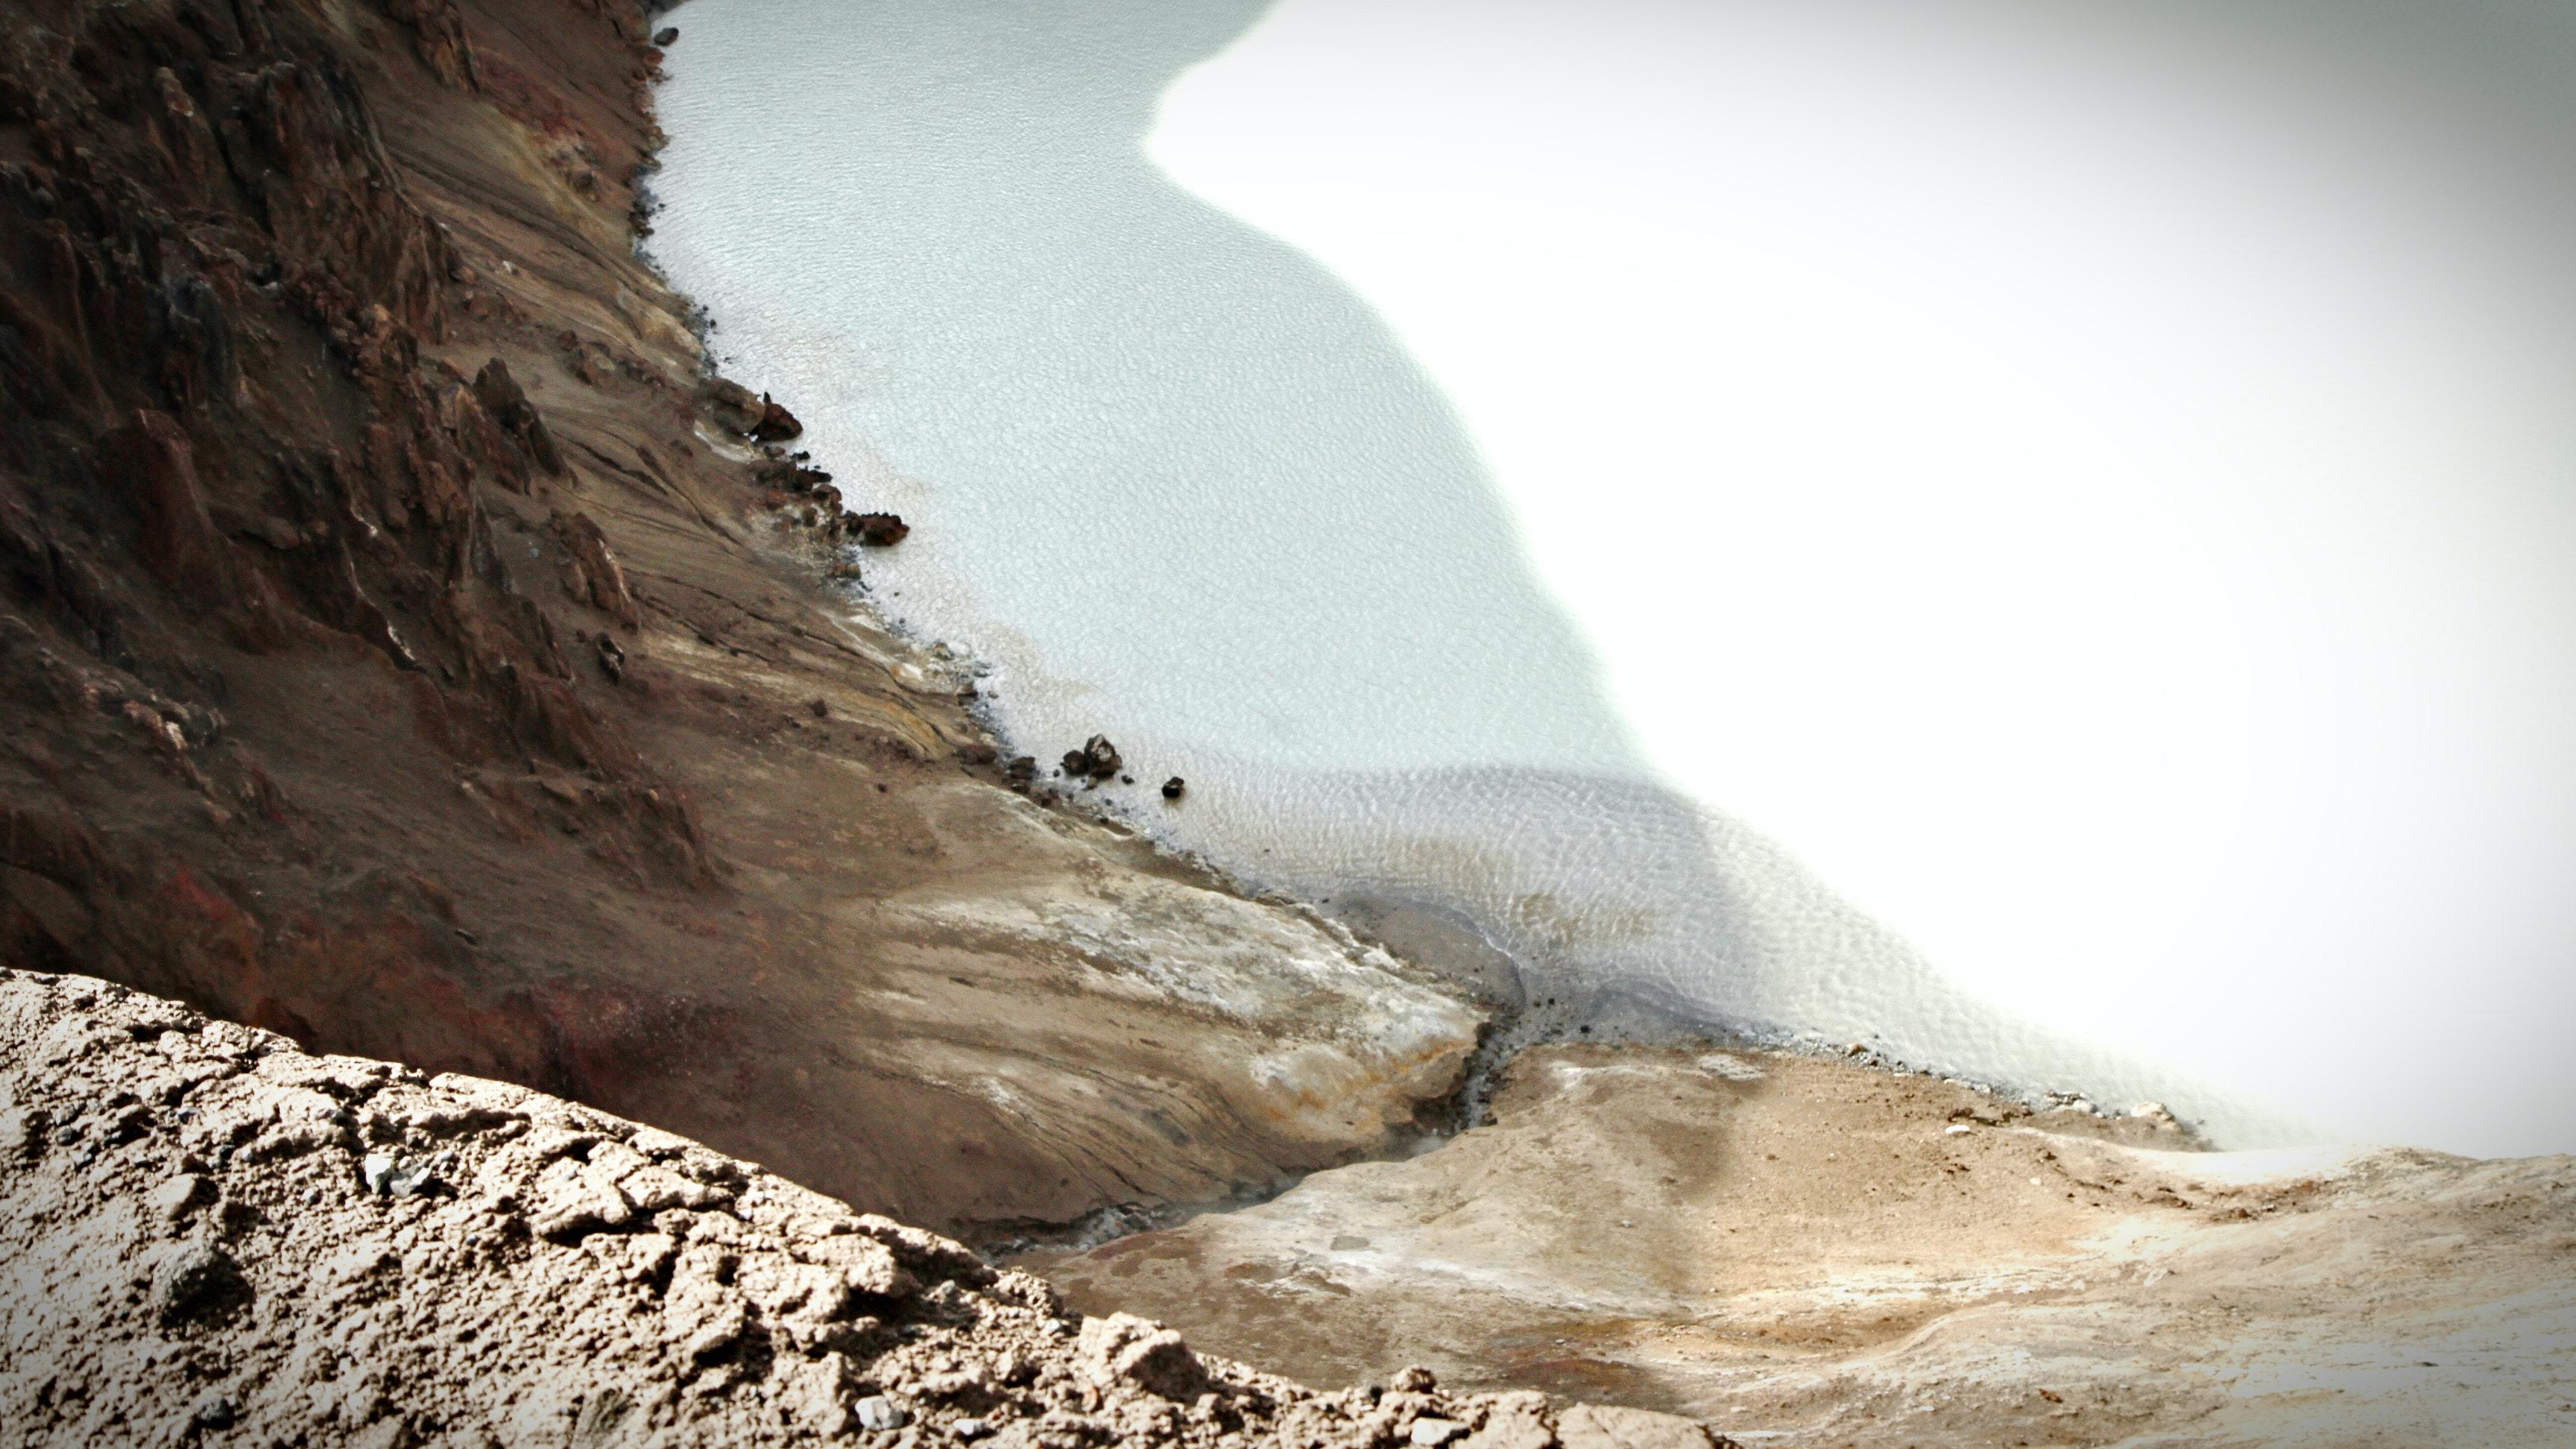 Víti in Askja in Iceland